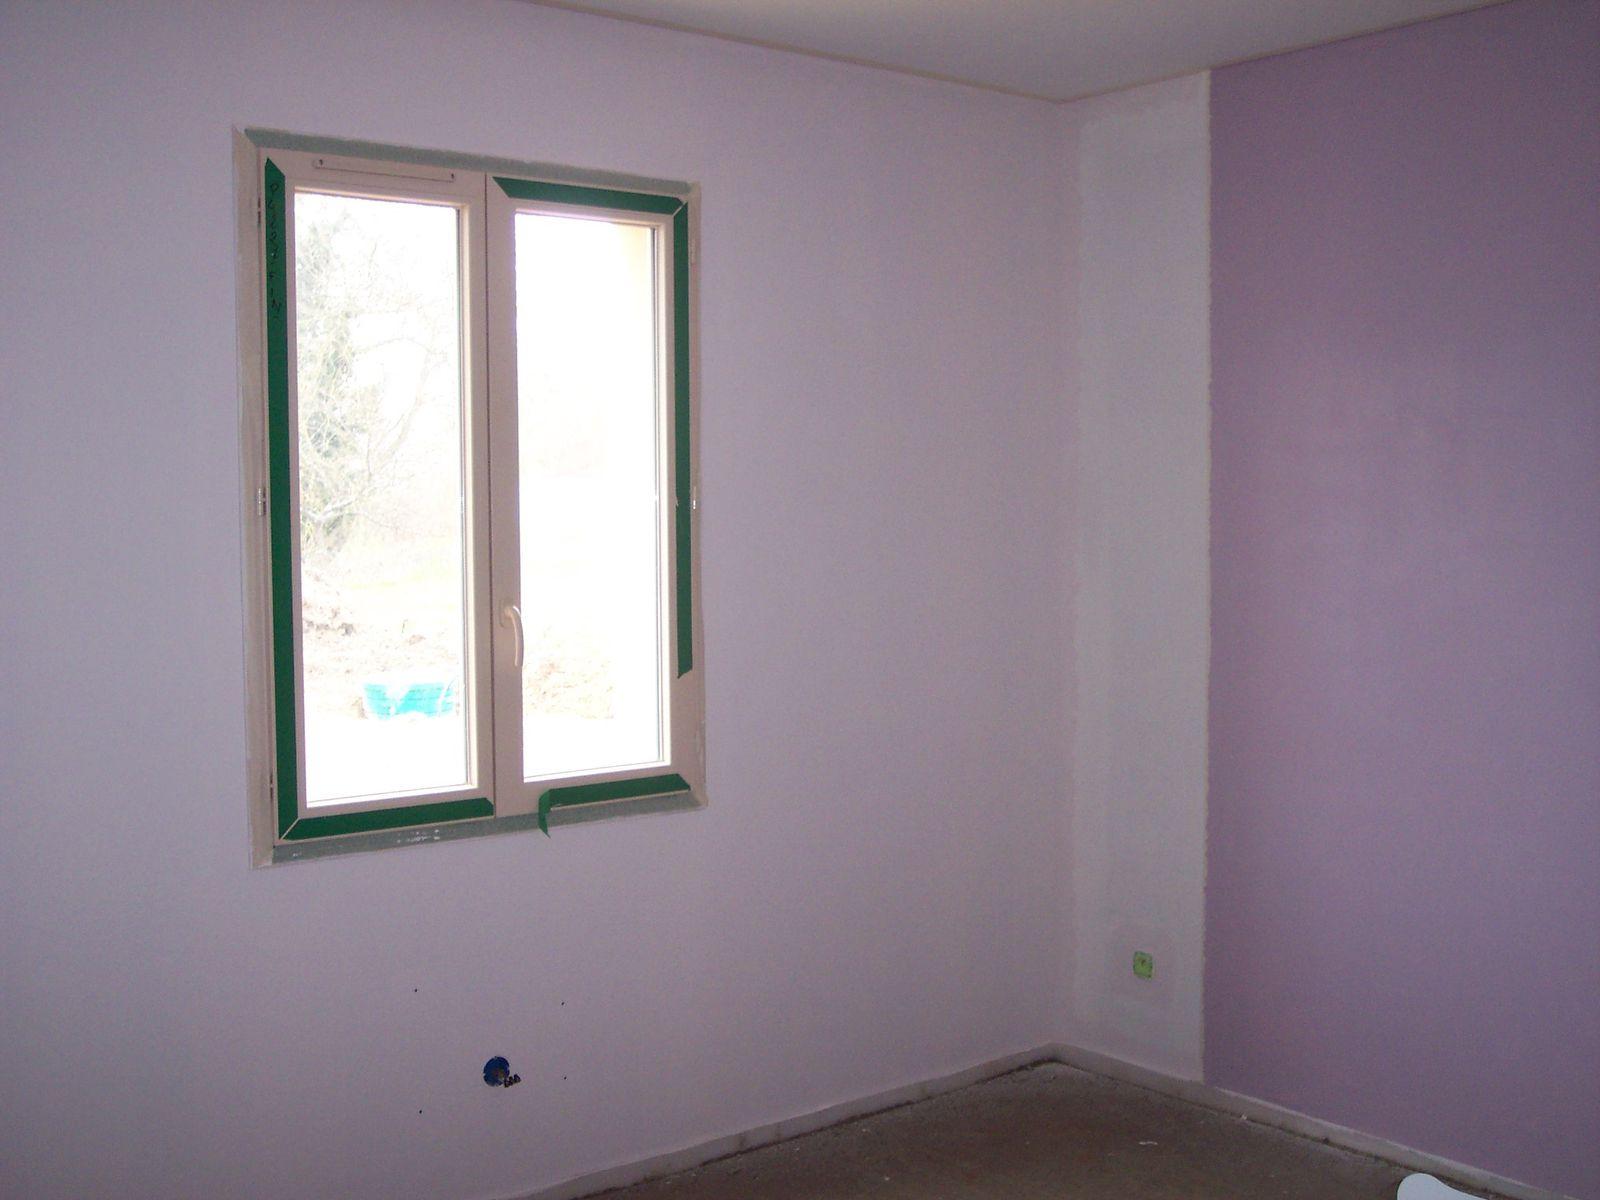 Chambre Marron Parme: Article peintures couleurs j. Idées sur le ...